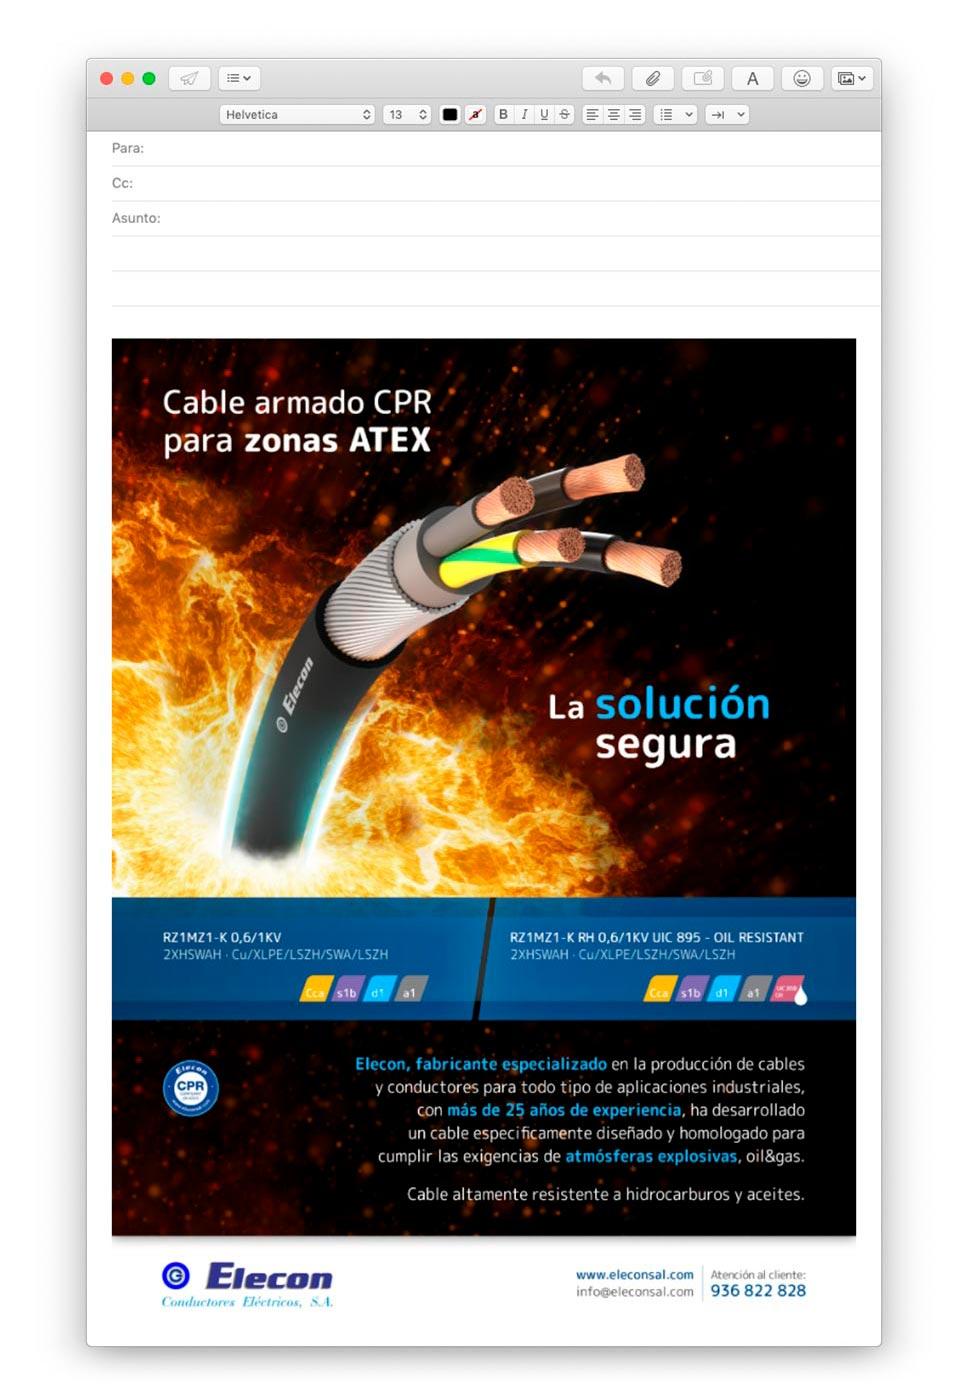 diseno de emailing barcelona 2 - Cómo hacer acciones de mailing